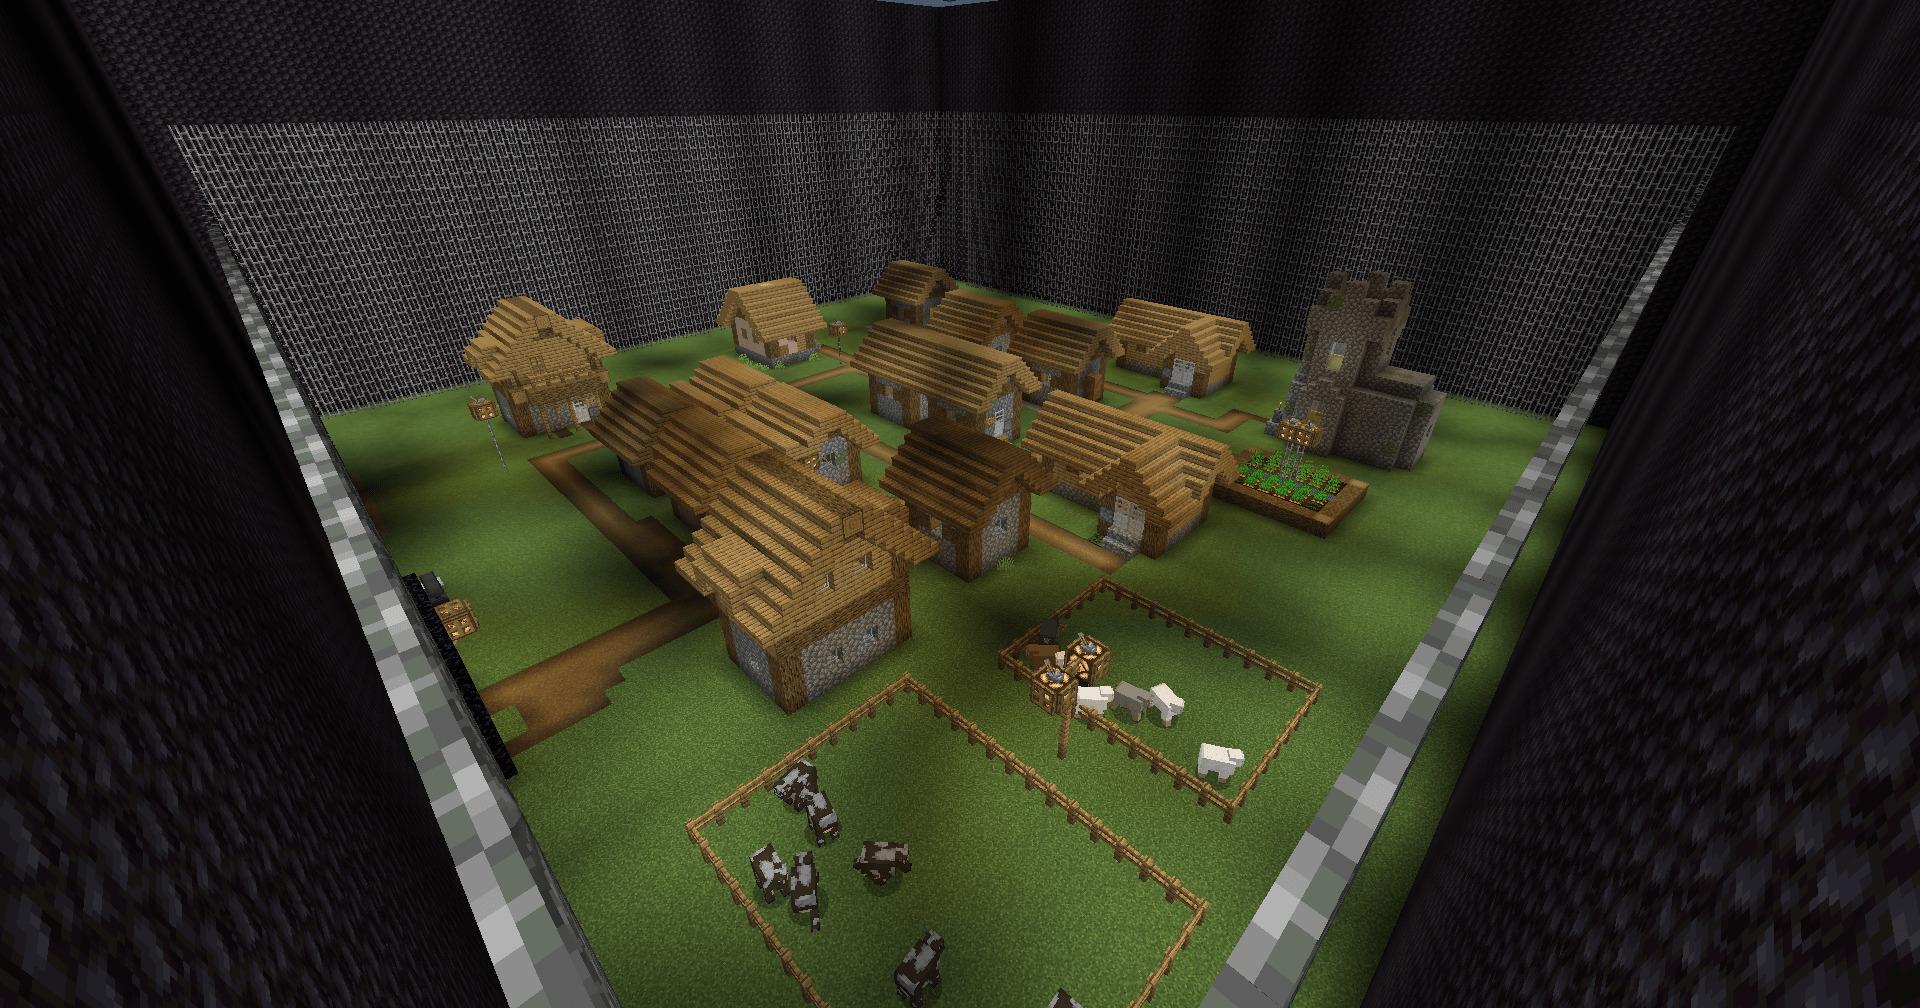 Minecraft_Screenshot_2021.10.05_-_06.16.10.07-min[1]-a721b3c2